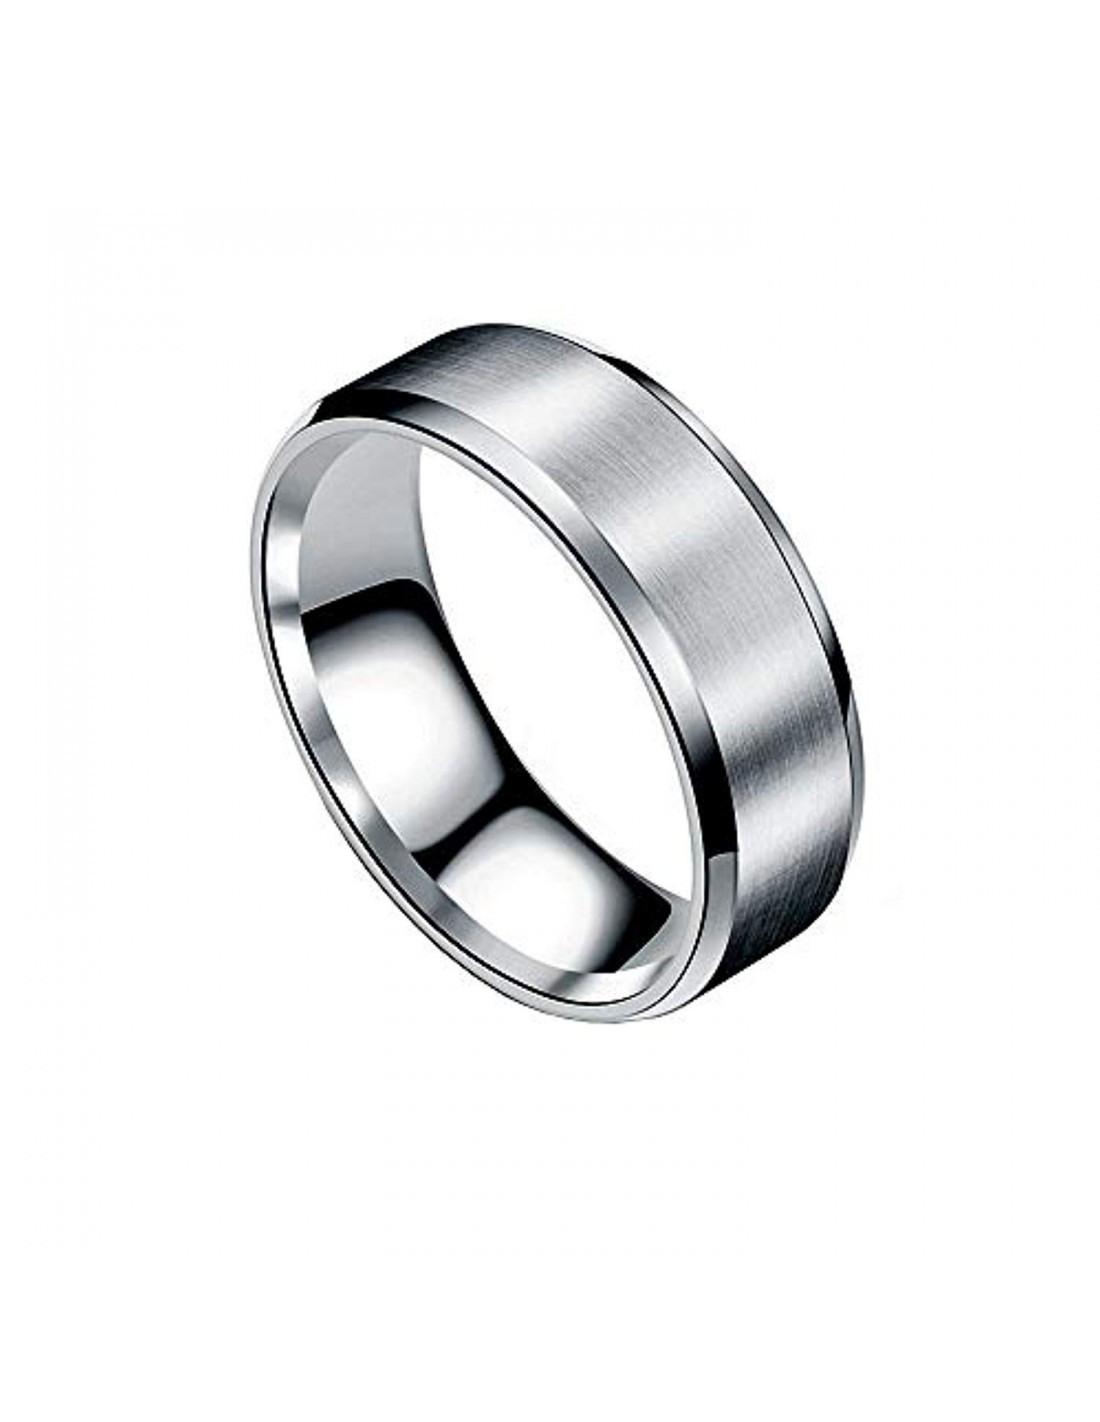 Elisimo - Unisex-Ring Aus Edelstahl - 8Mm Dick - Verlobungsring/ehering -  Für Männer Und Frauen, Kaufen Sie Für 12.99 In Unserem Shop Elisimo.de